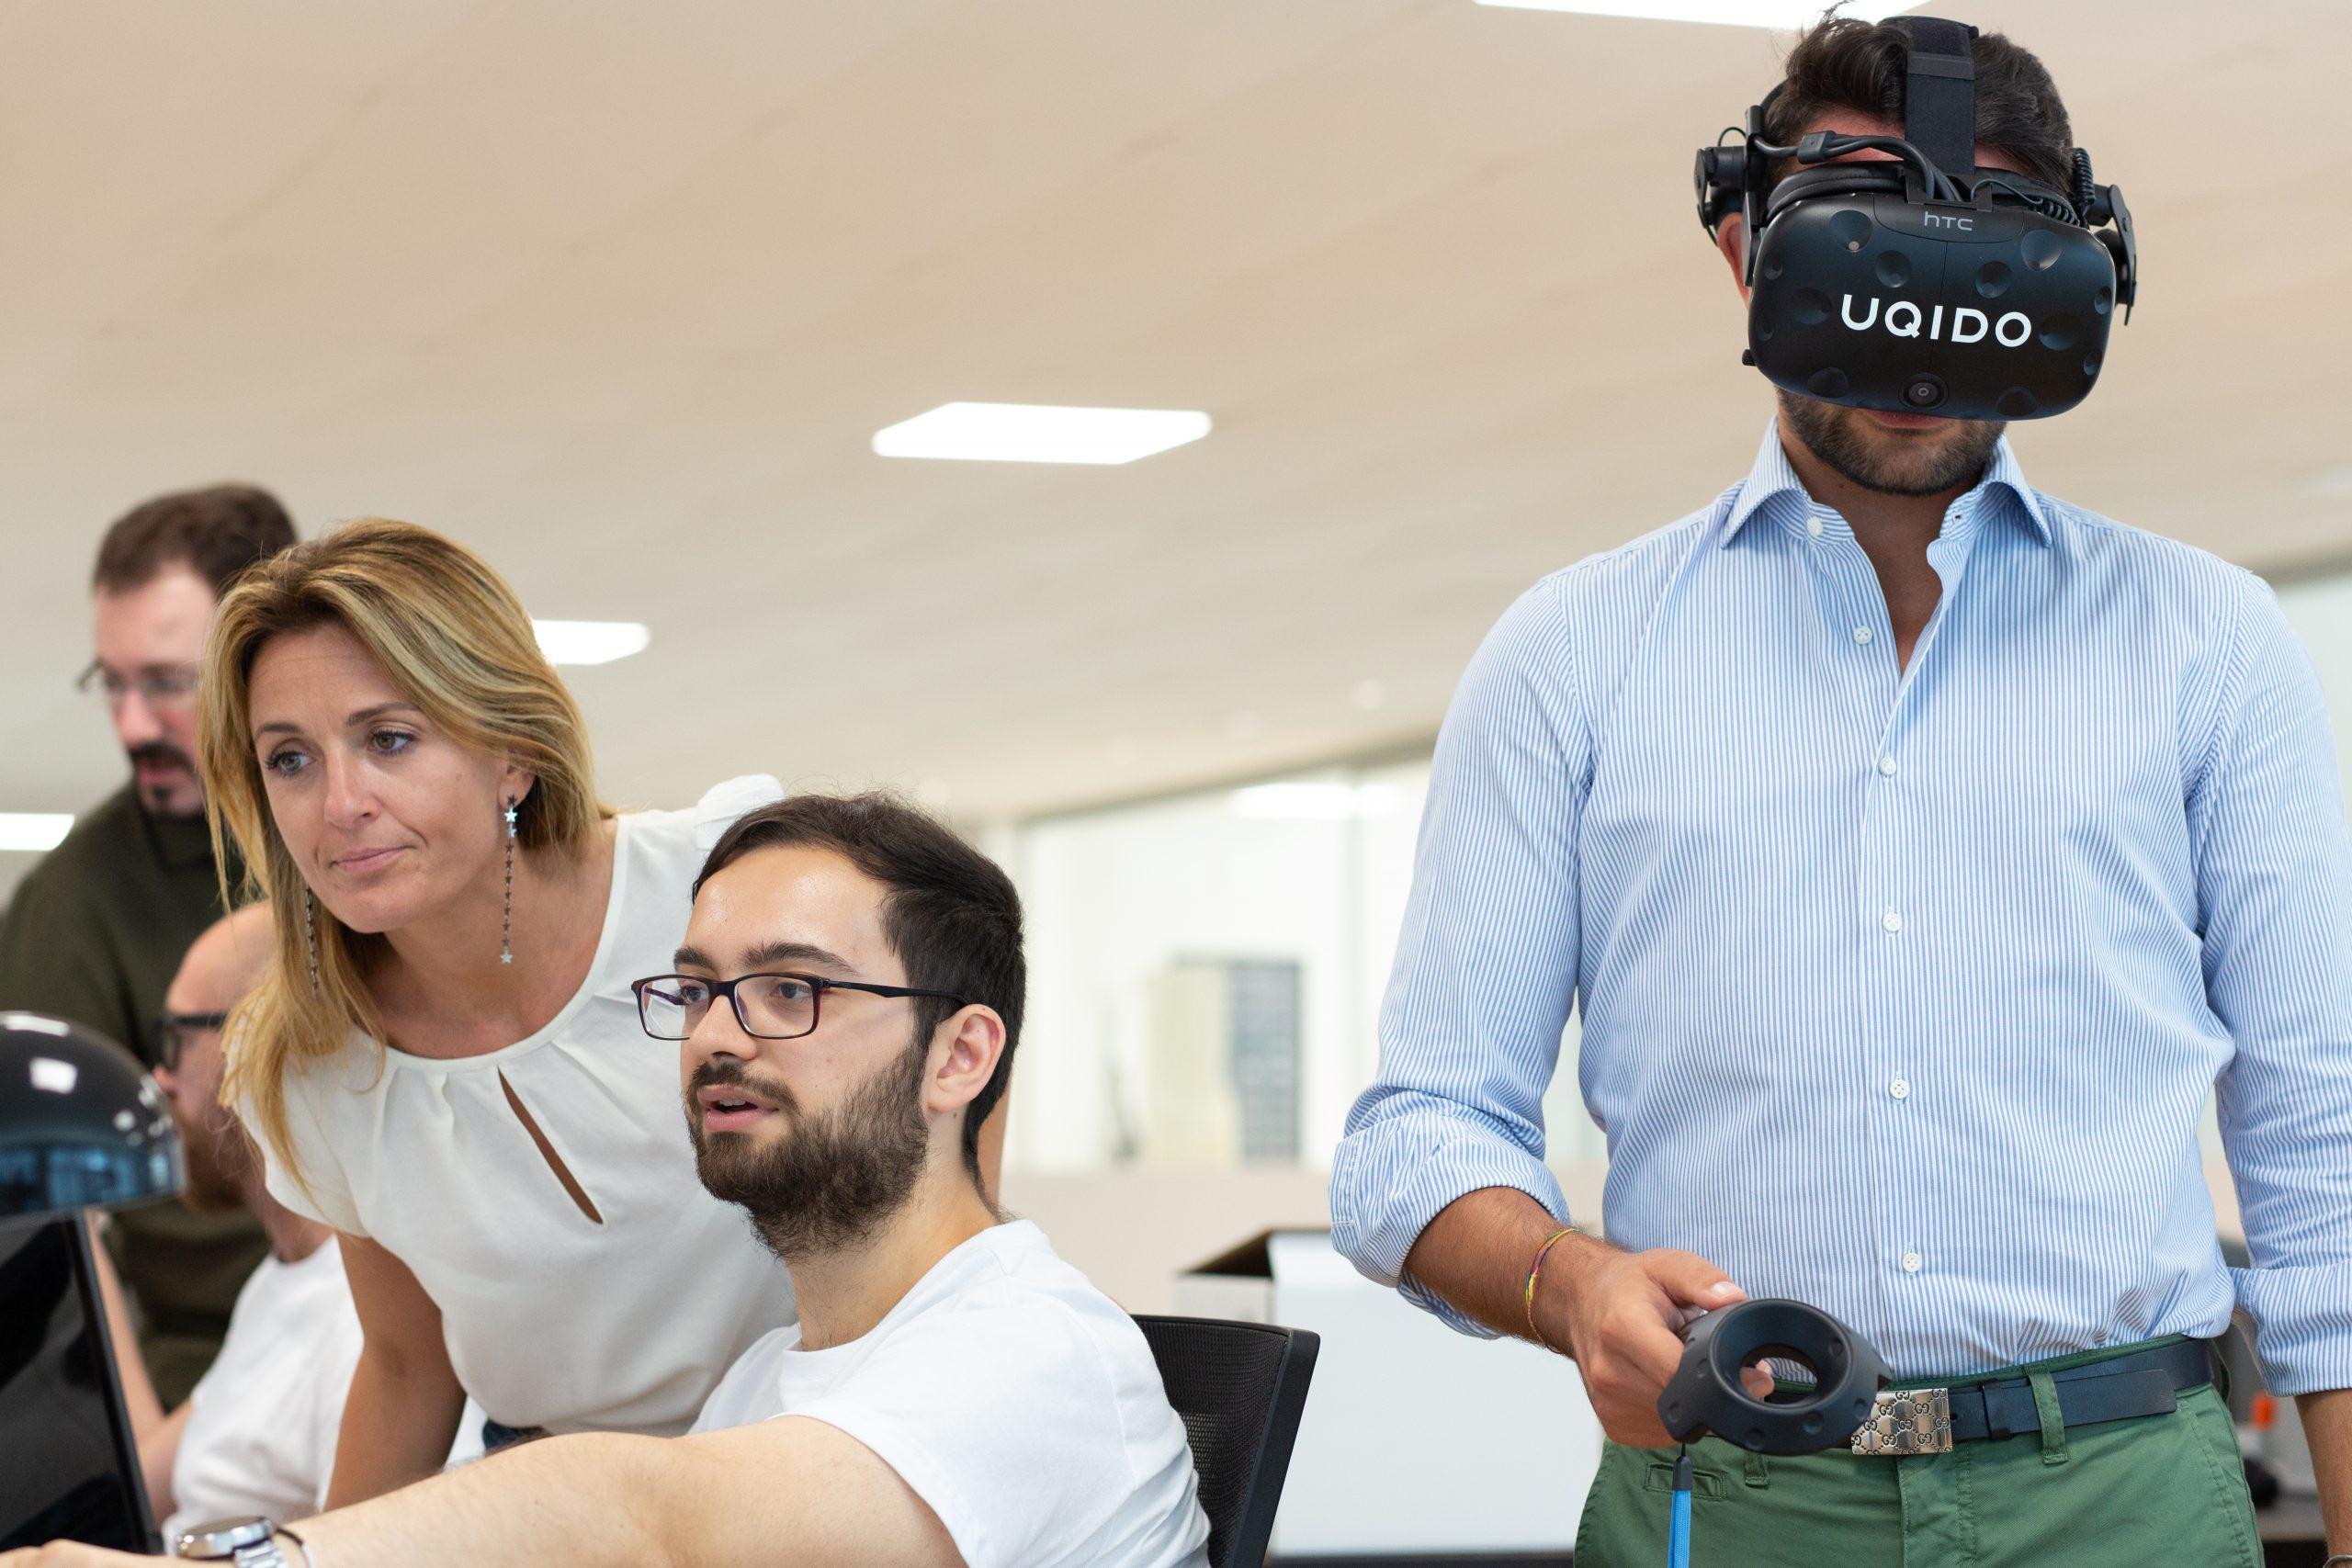 Al lavoro al MVP Lab con developer e pesone con visore di realtà virtuale